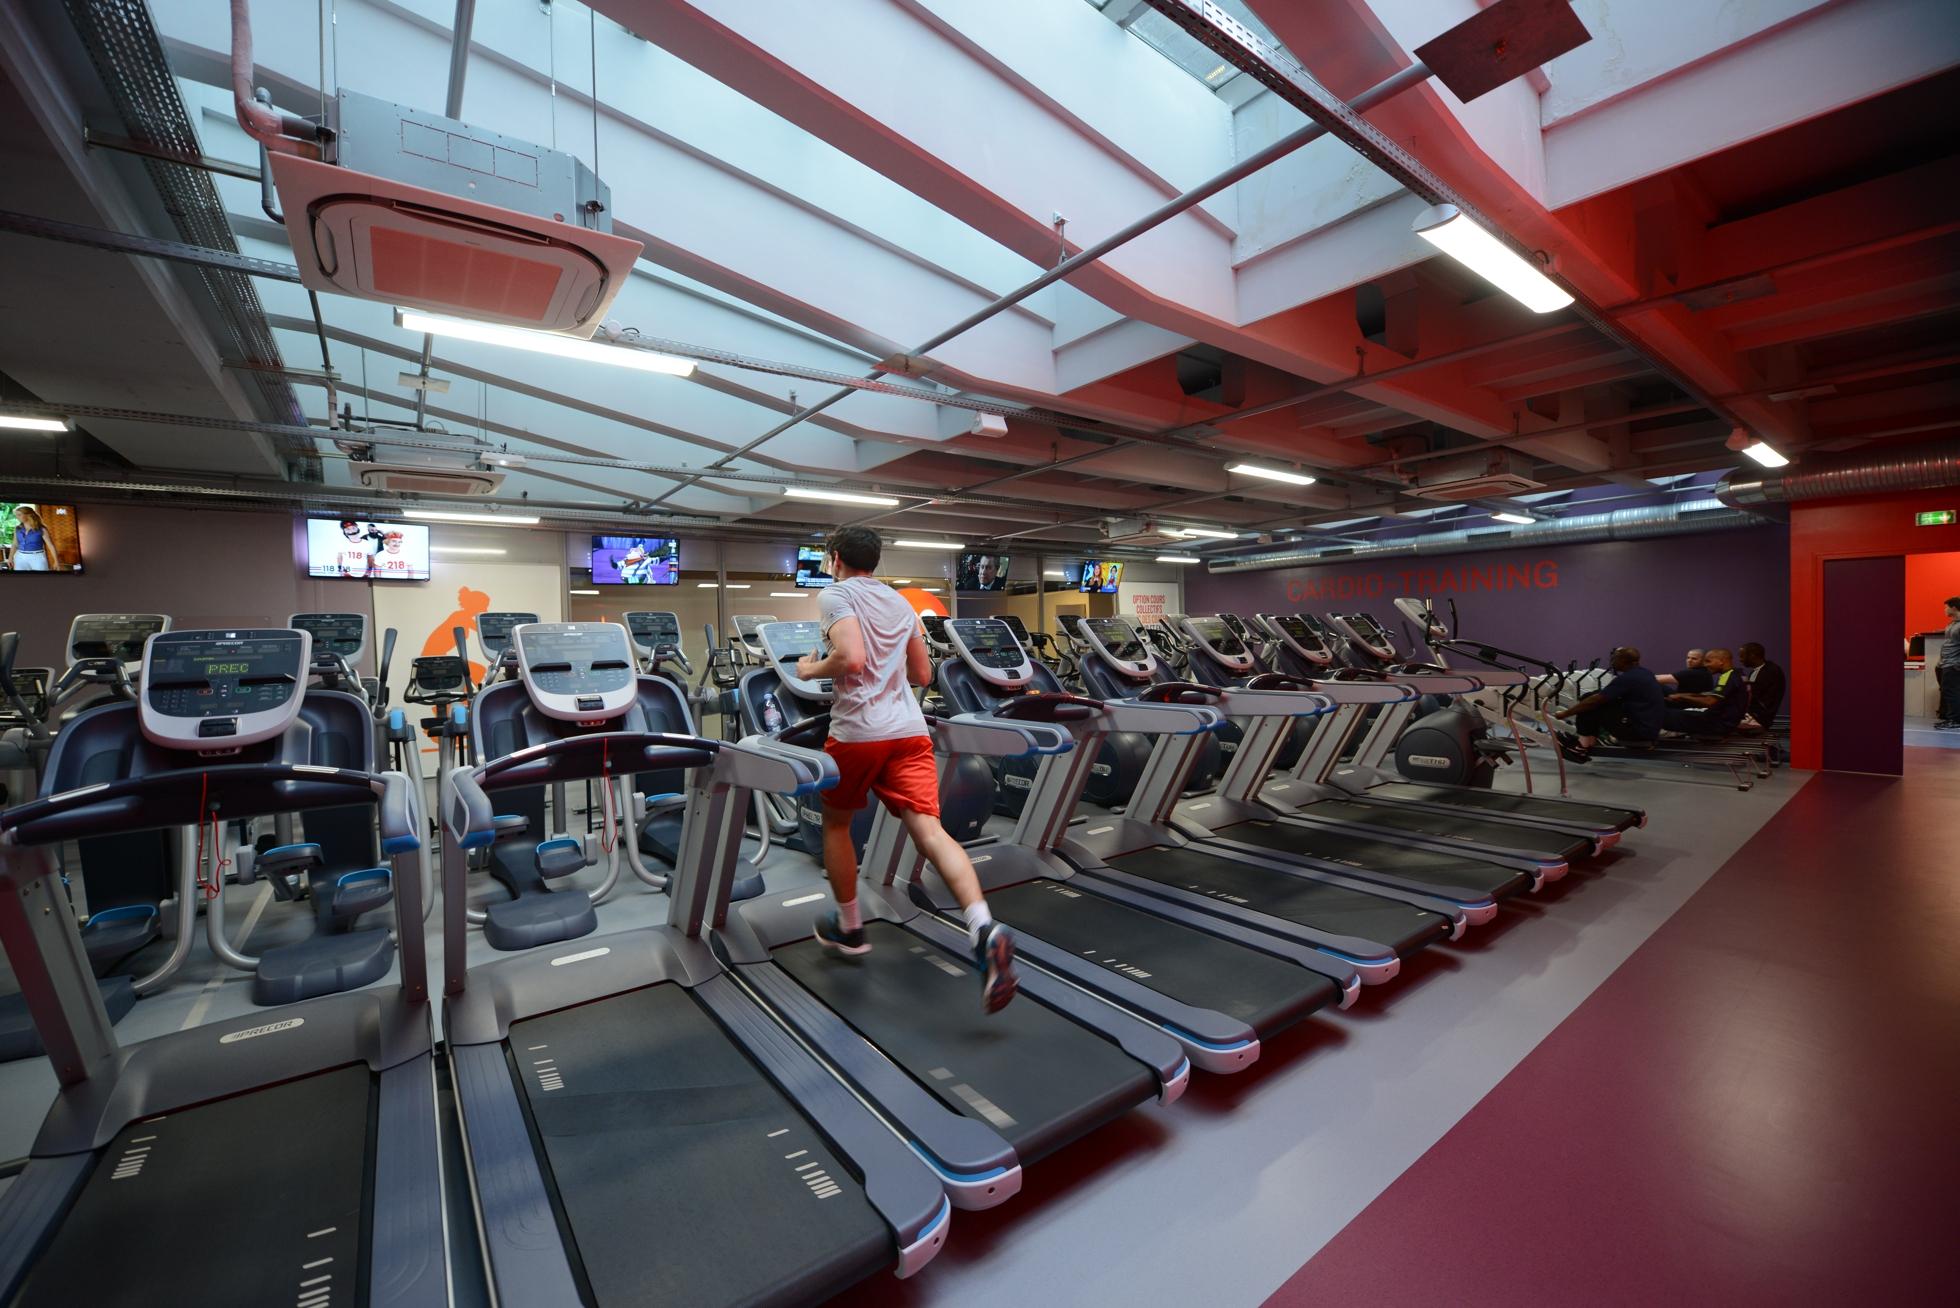 Neoness La Nouvelle Salle De Sport Au Pied De La Grande Arche